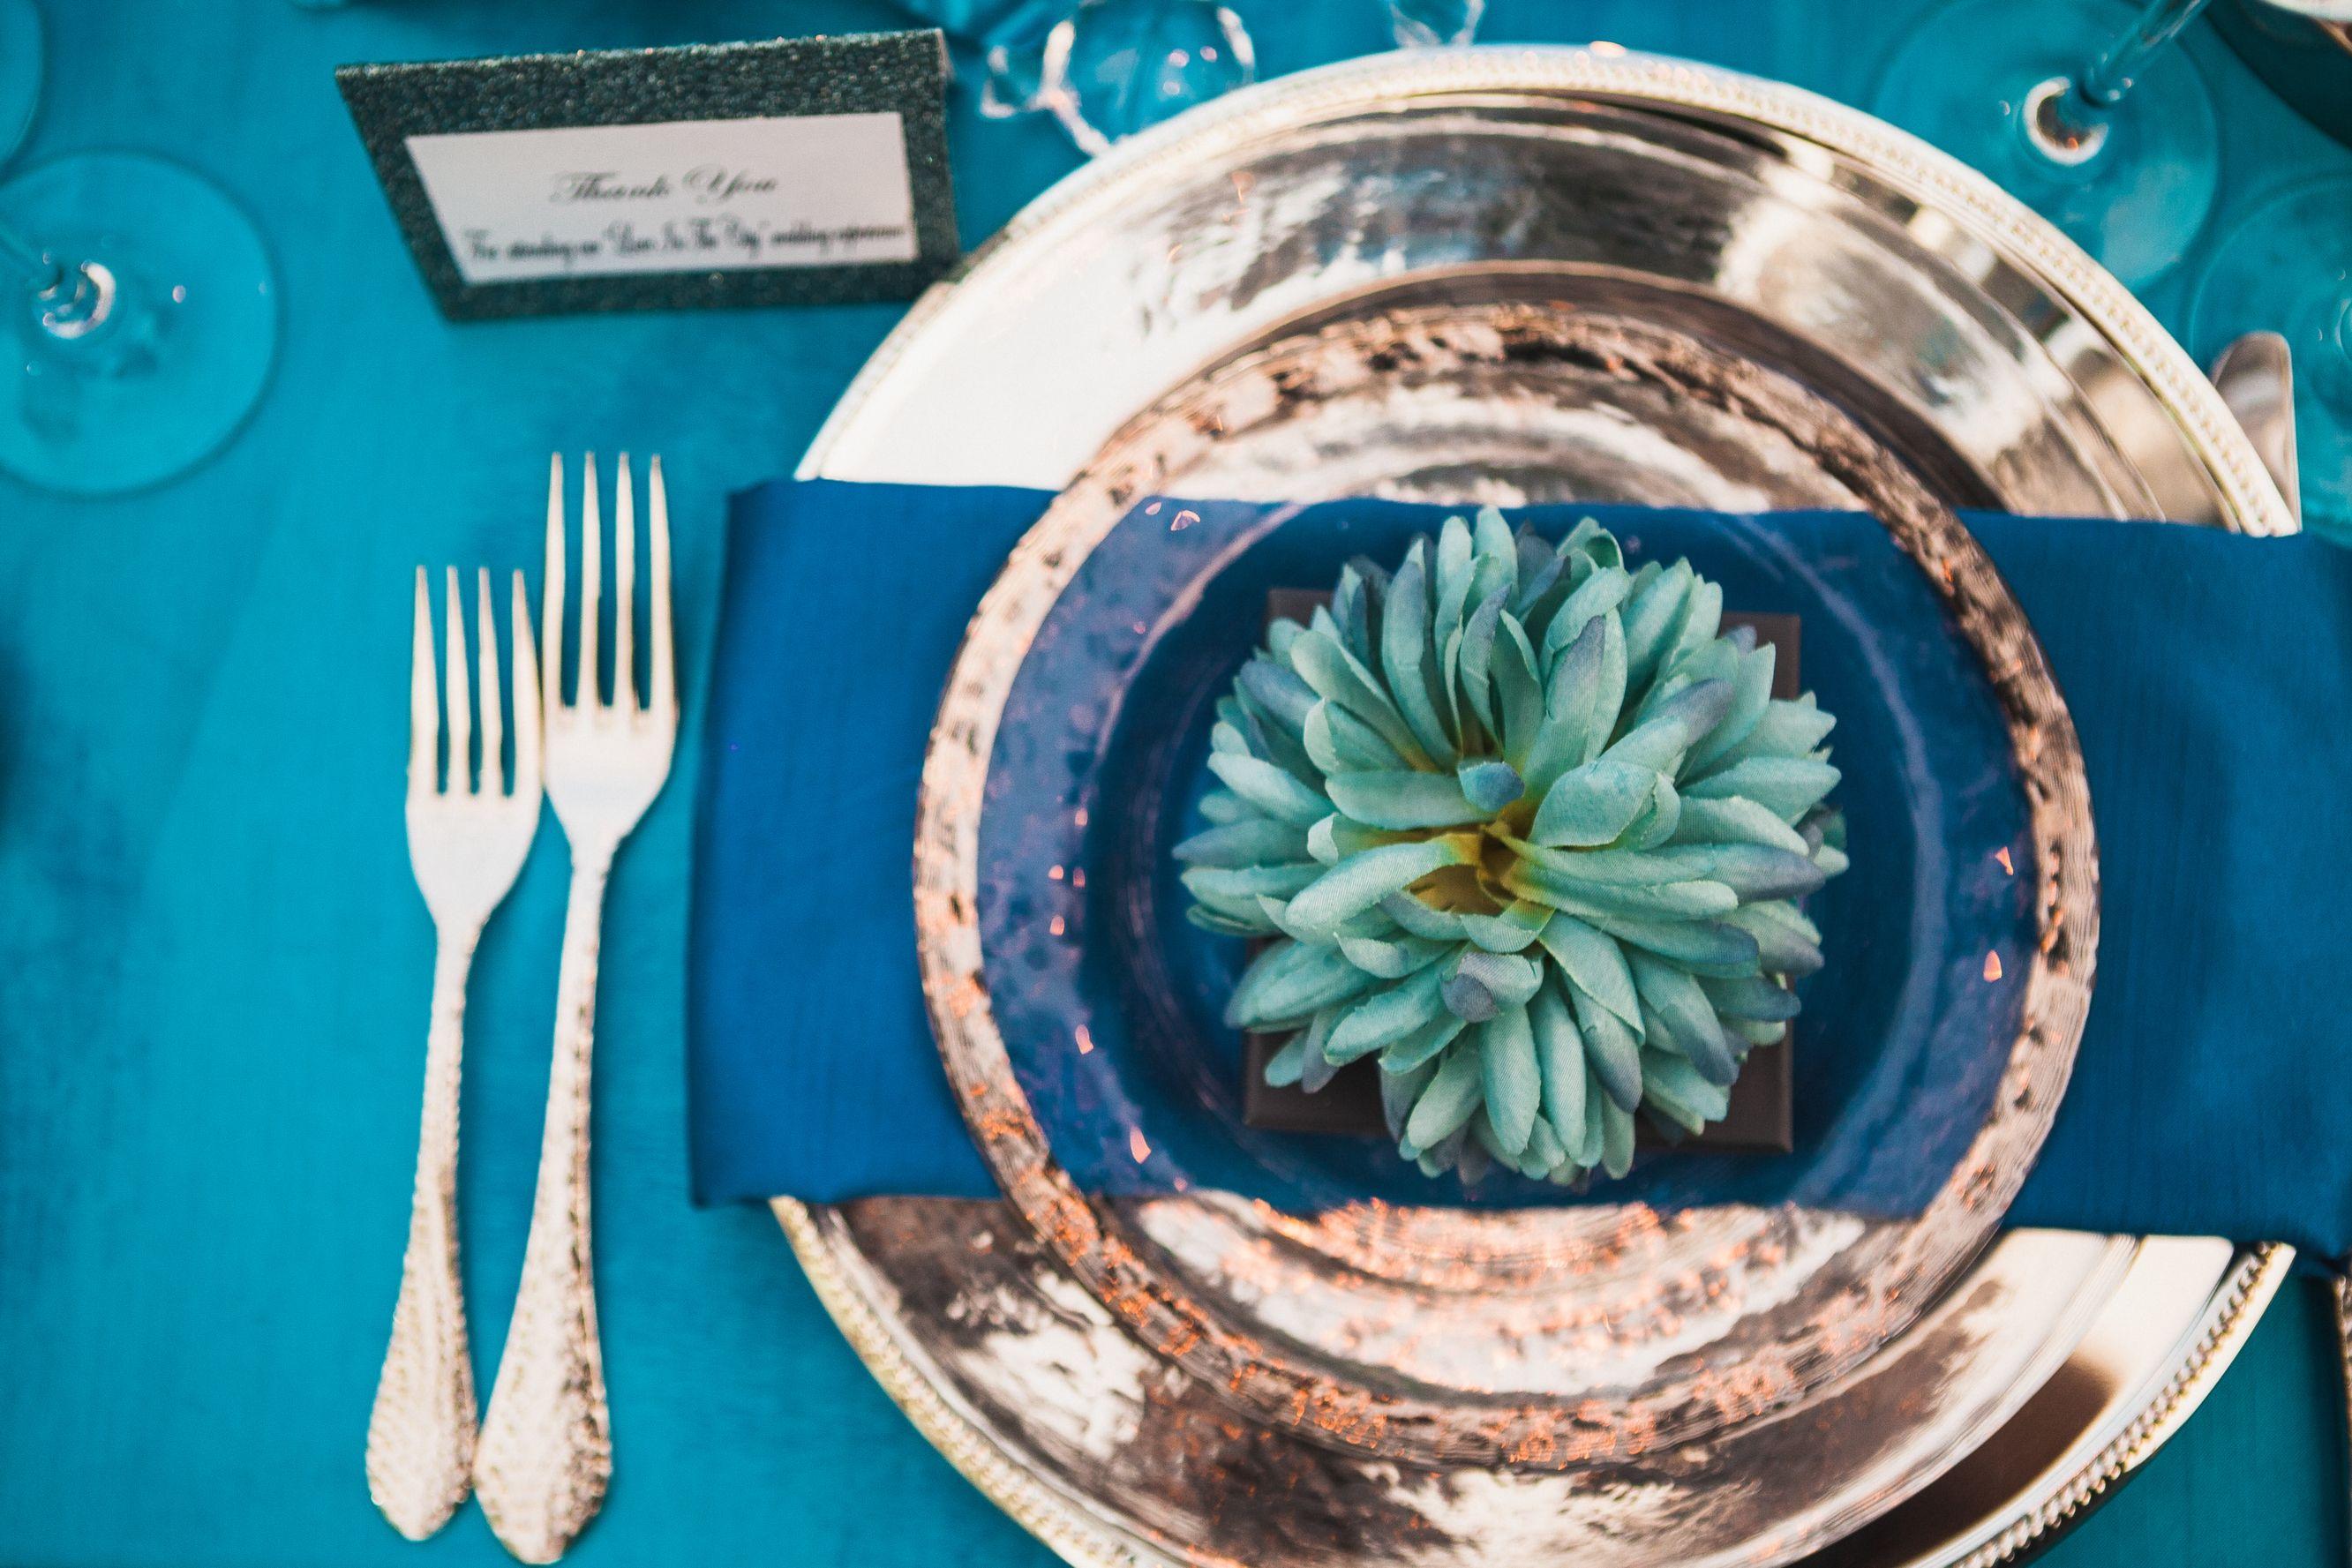 paigebrowndesigns.com, blue wedding, elegant wedding, elegant tablescape, table setting, Nashville wedding planner, Paige Brown Designs